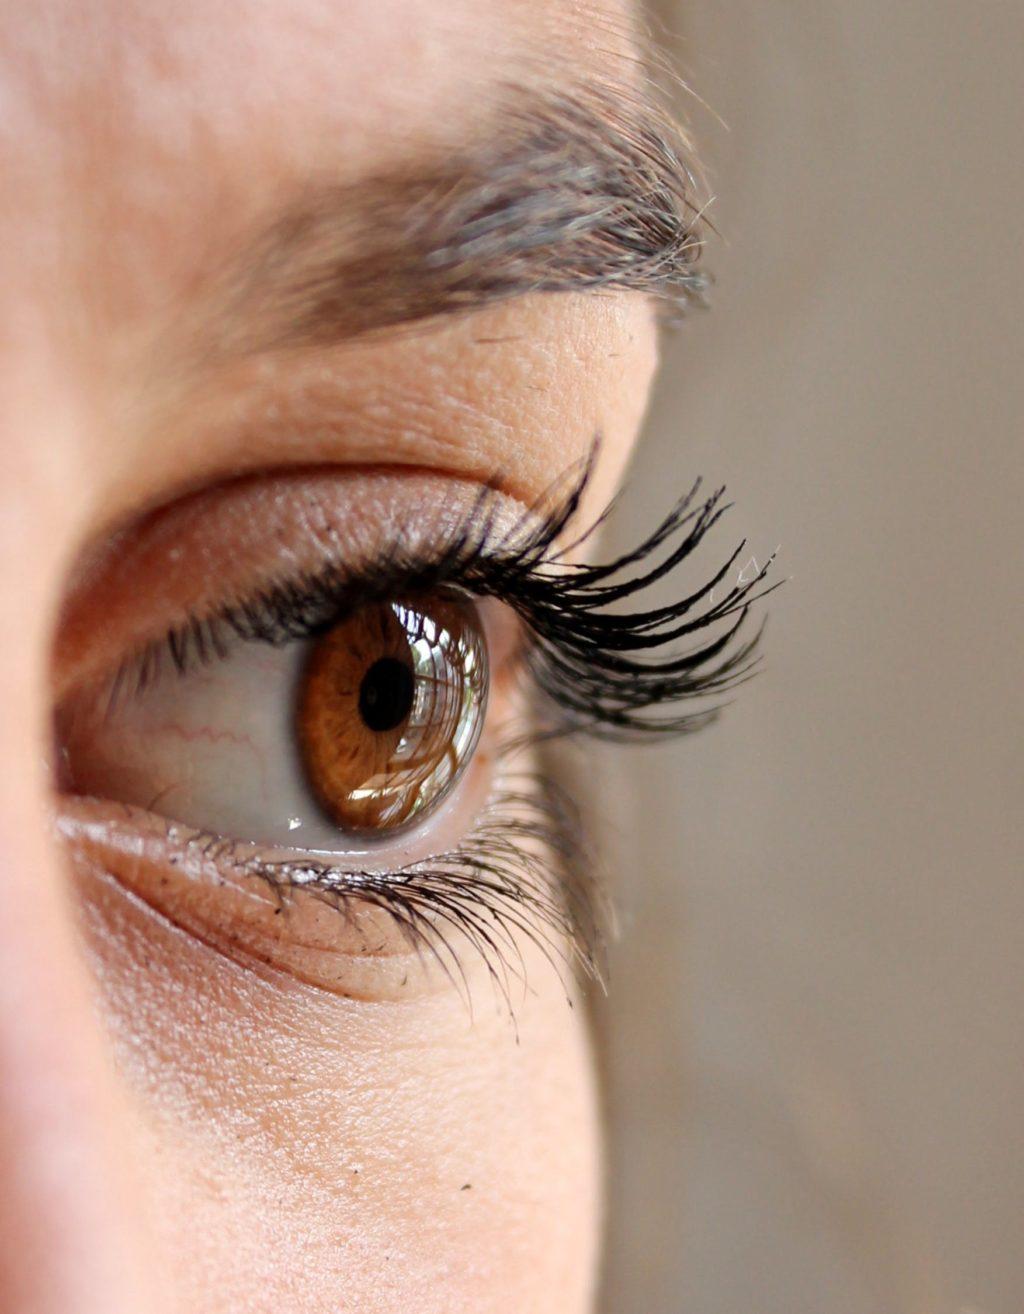 eye-eyelashes-face-woman-63320